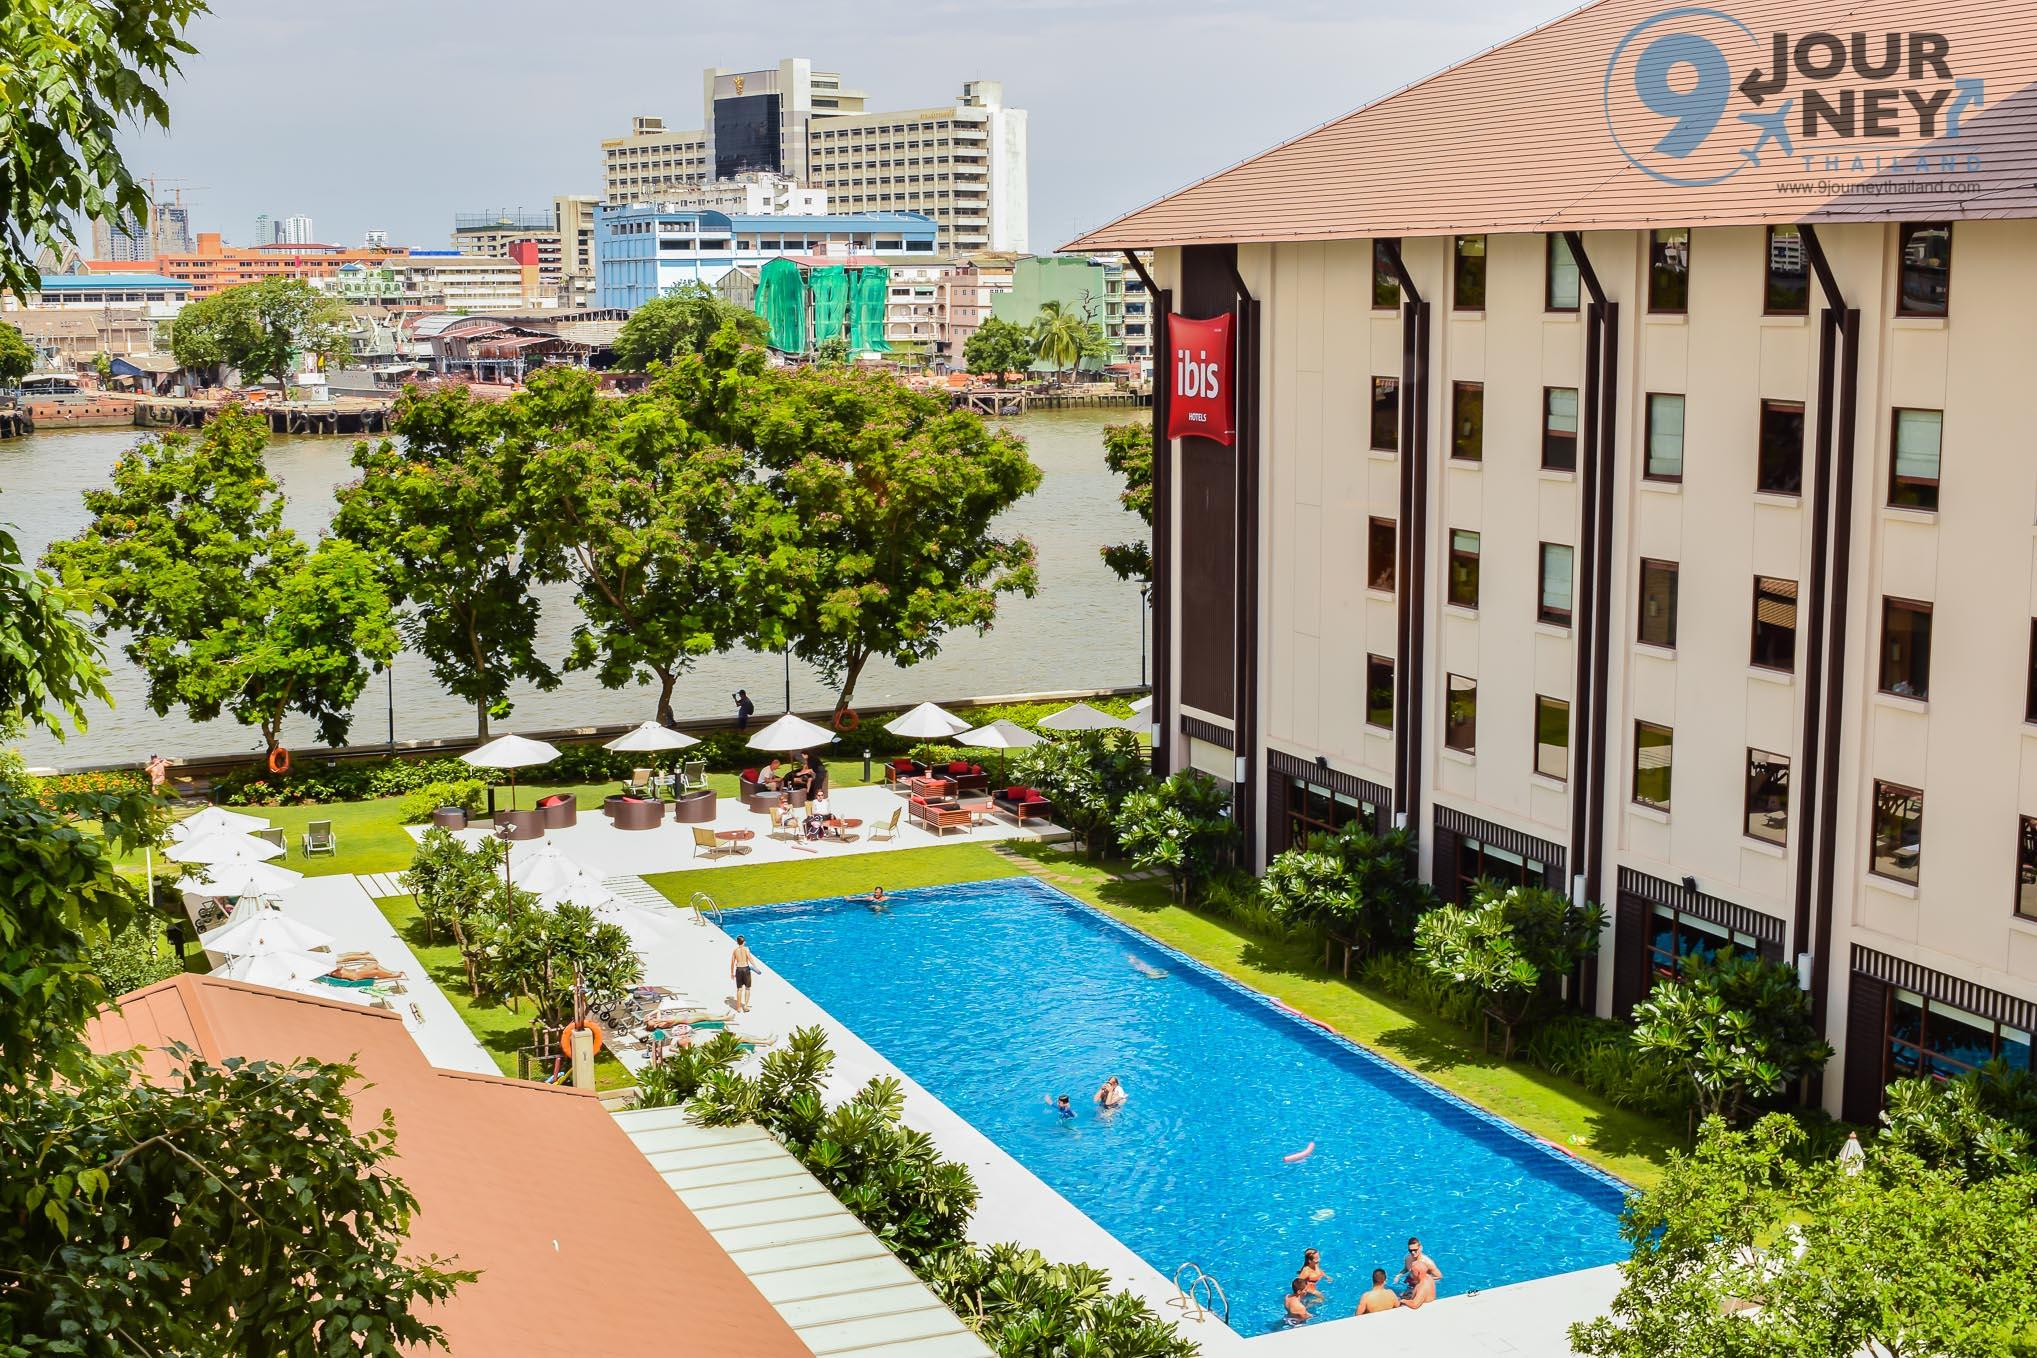 Ibis Bangkok Riverside 9journeythailand